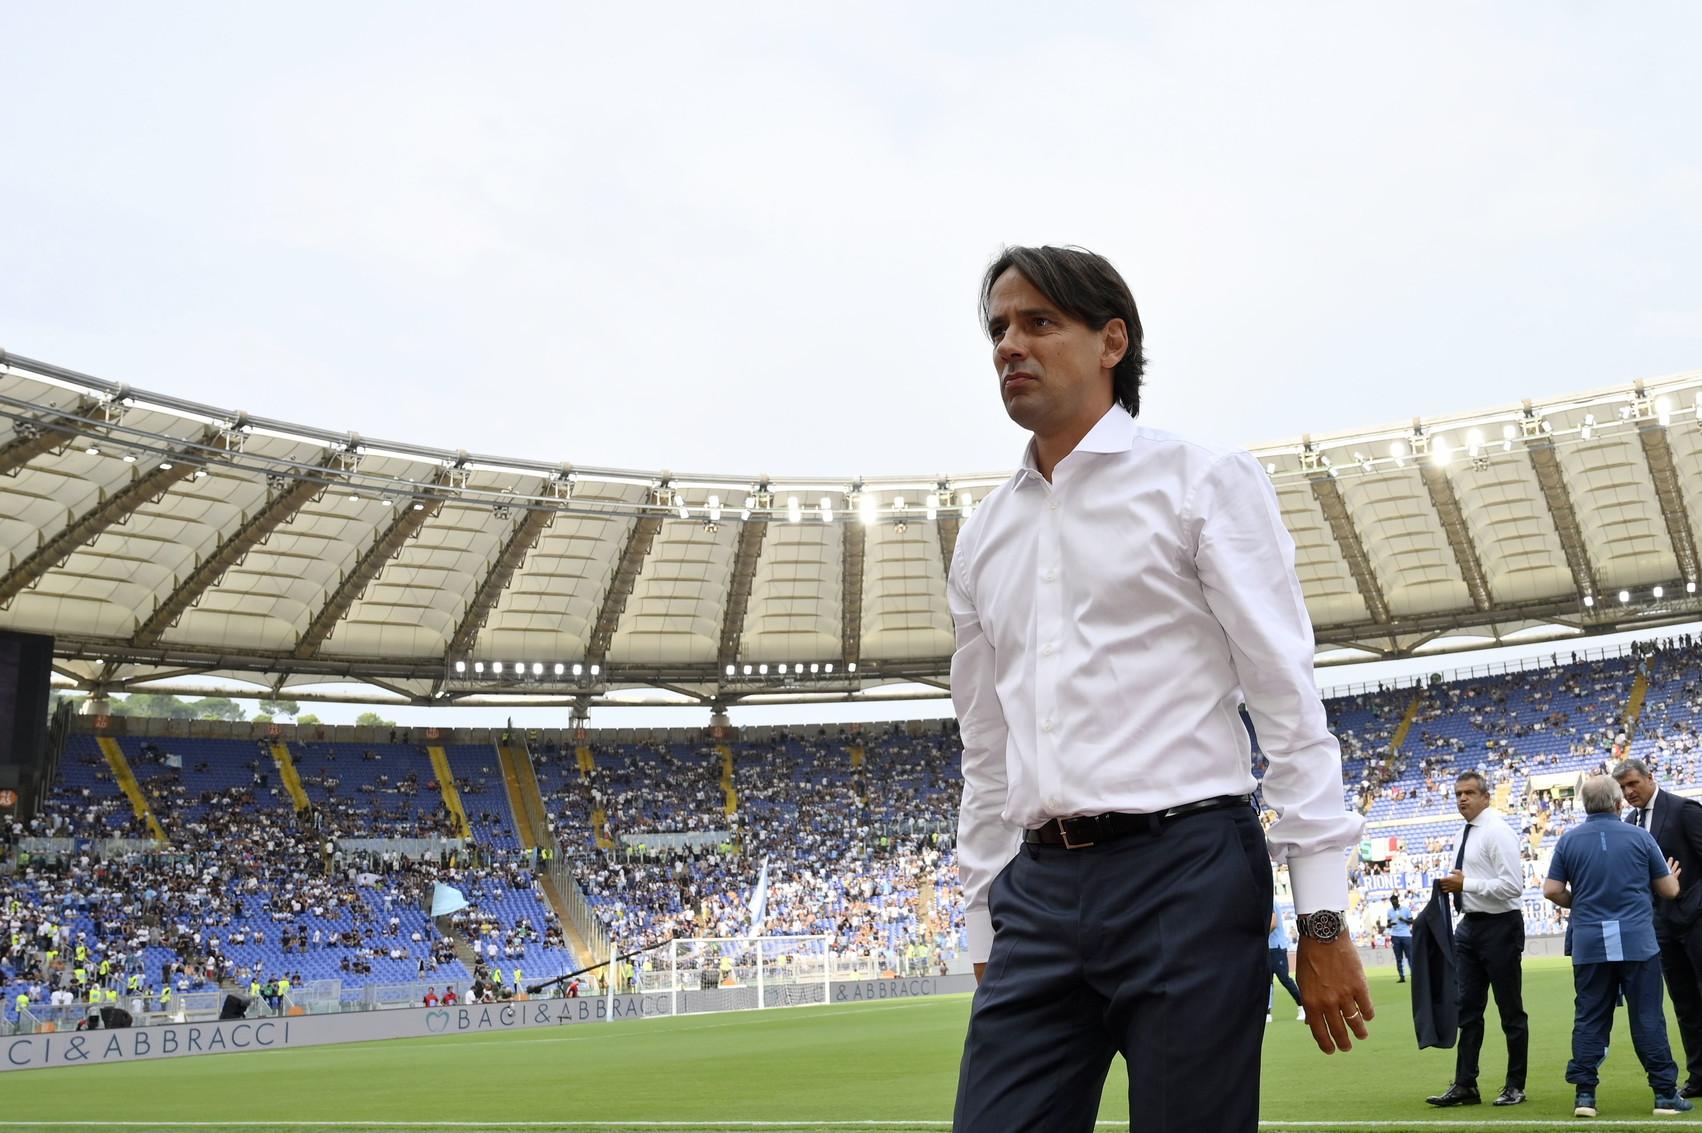 8) Lazio - Simone Inzaghi: 2 milioni (contratto fino al 2021)